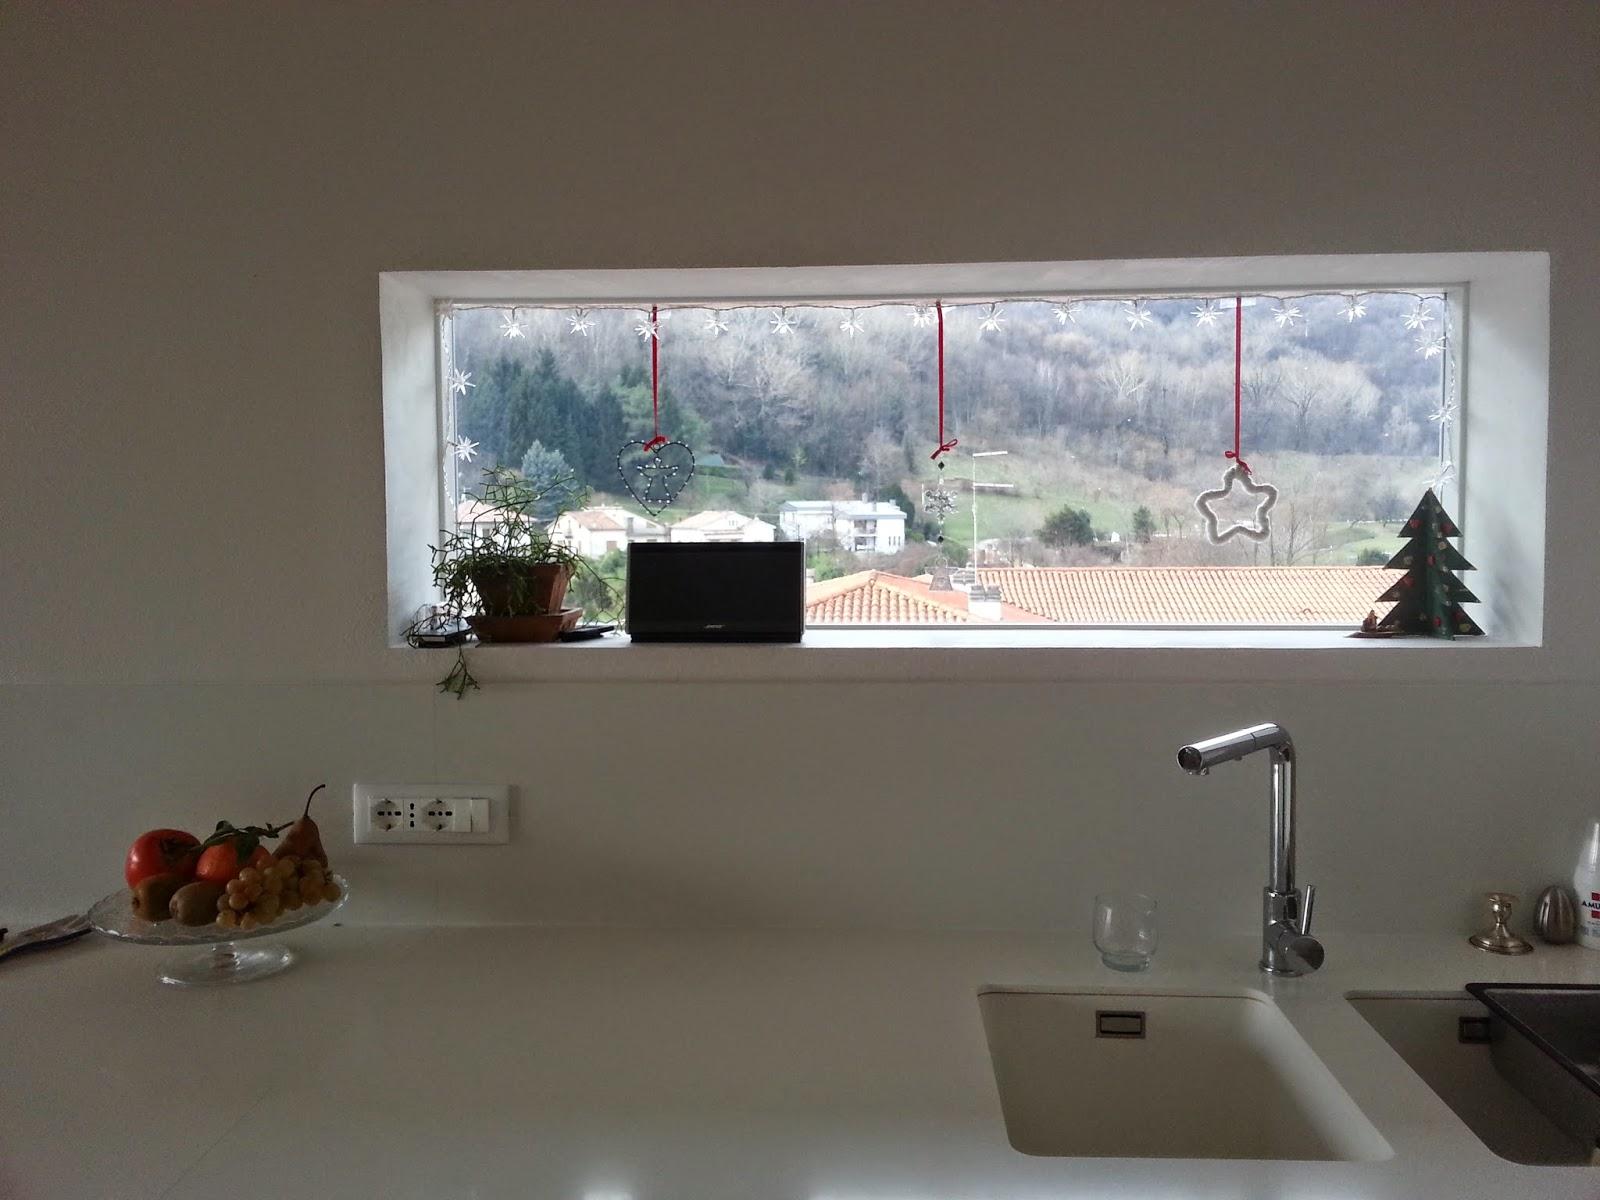 Homerefreshing gennaio 2015 - Cucina con finestra ...